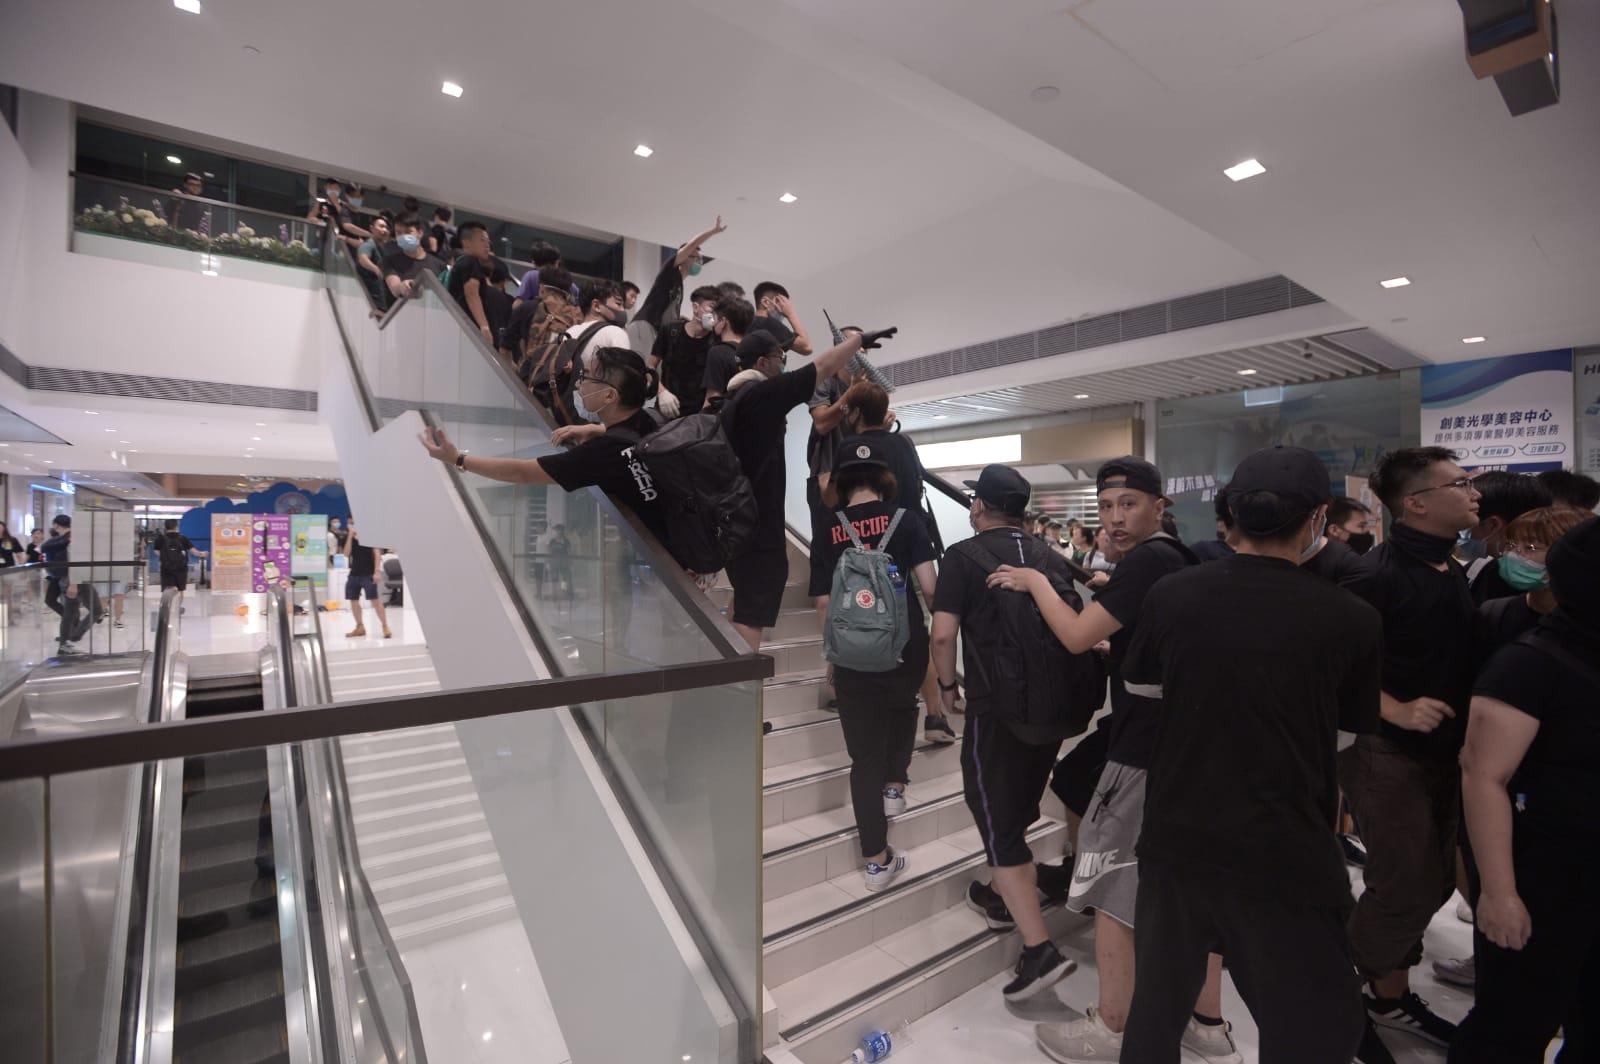 警方進入商場帶走多人